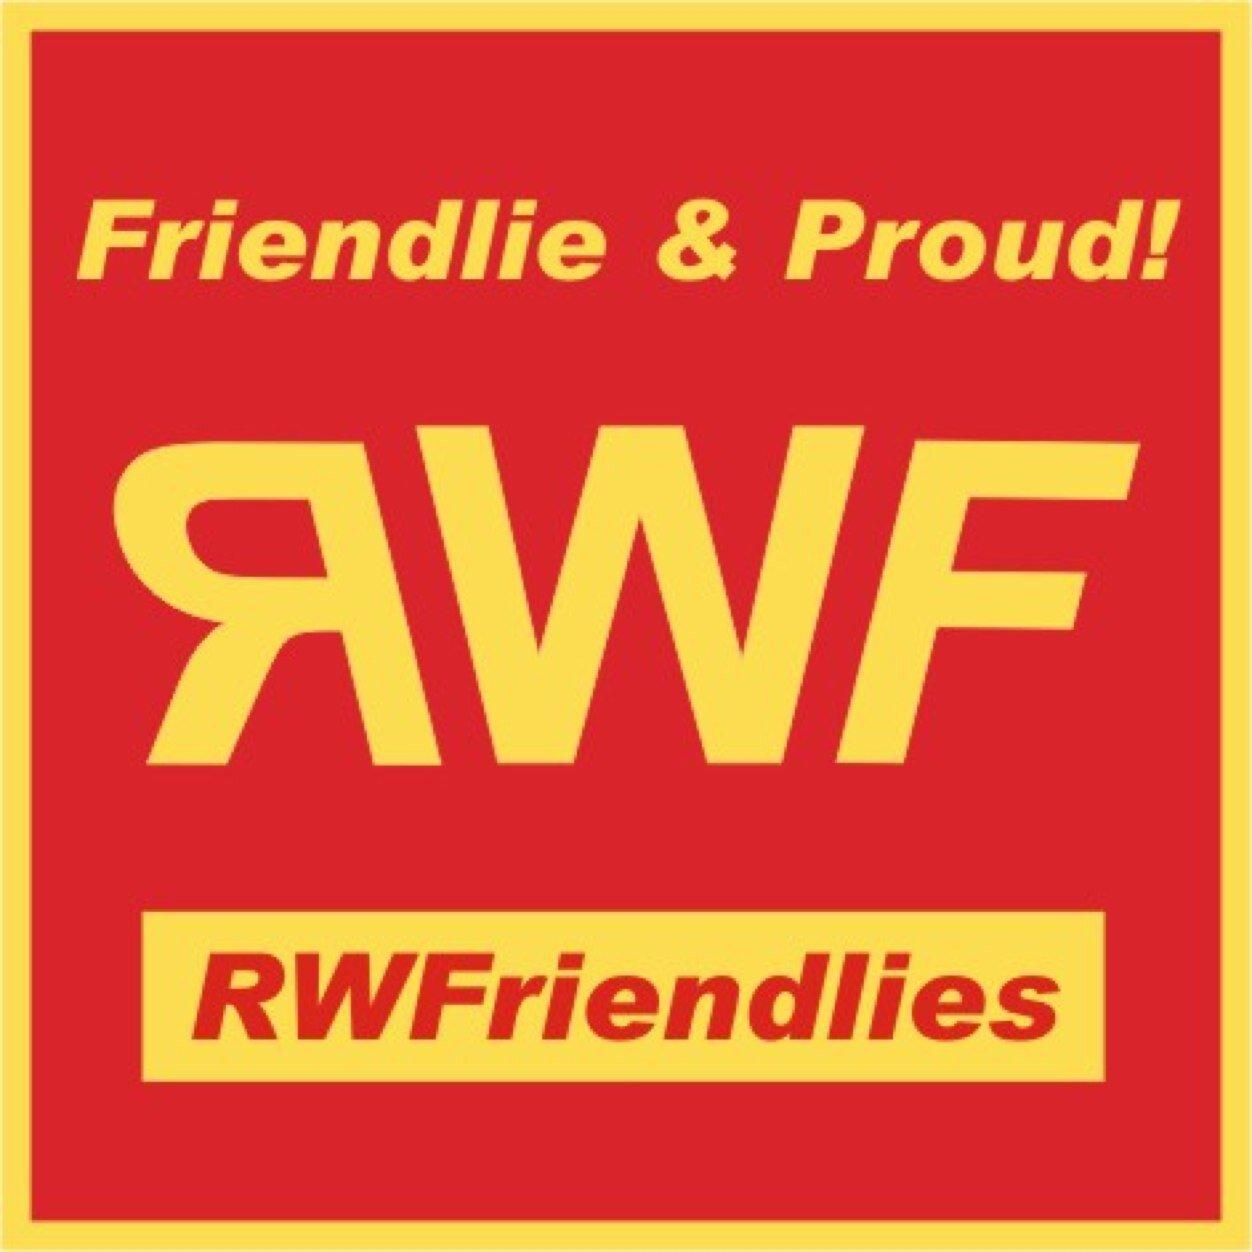 RW Friendlies (@RWFriendlies) | Twitter